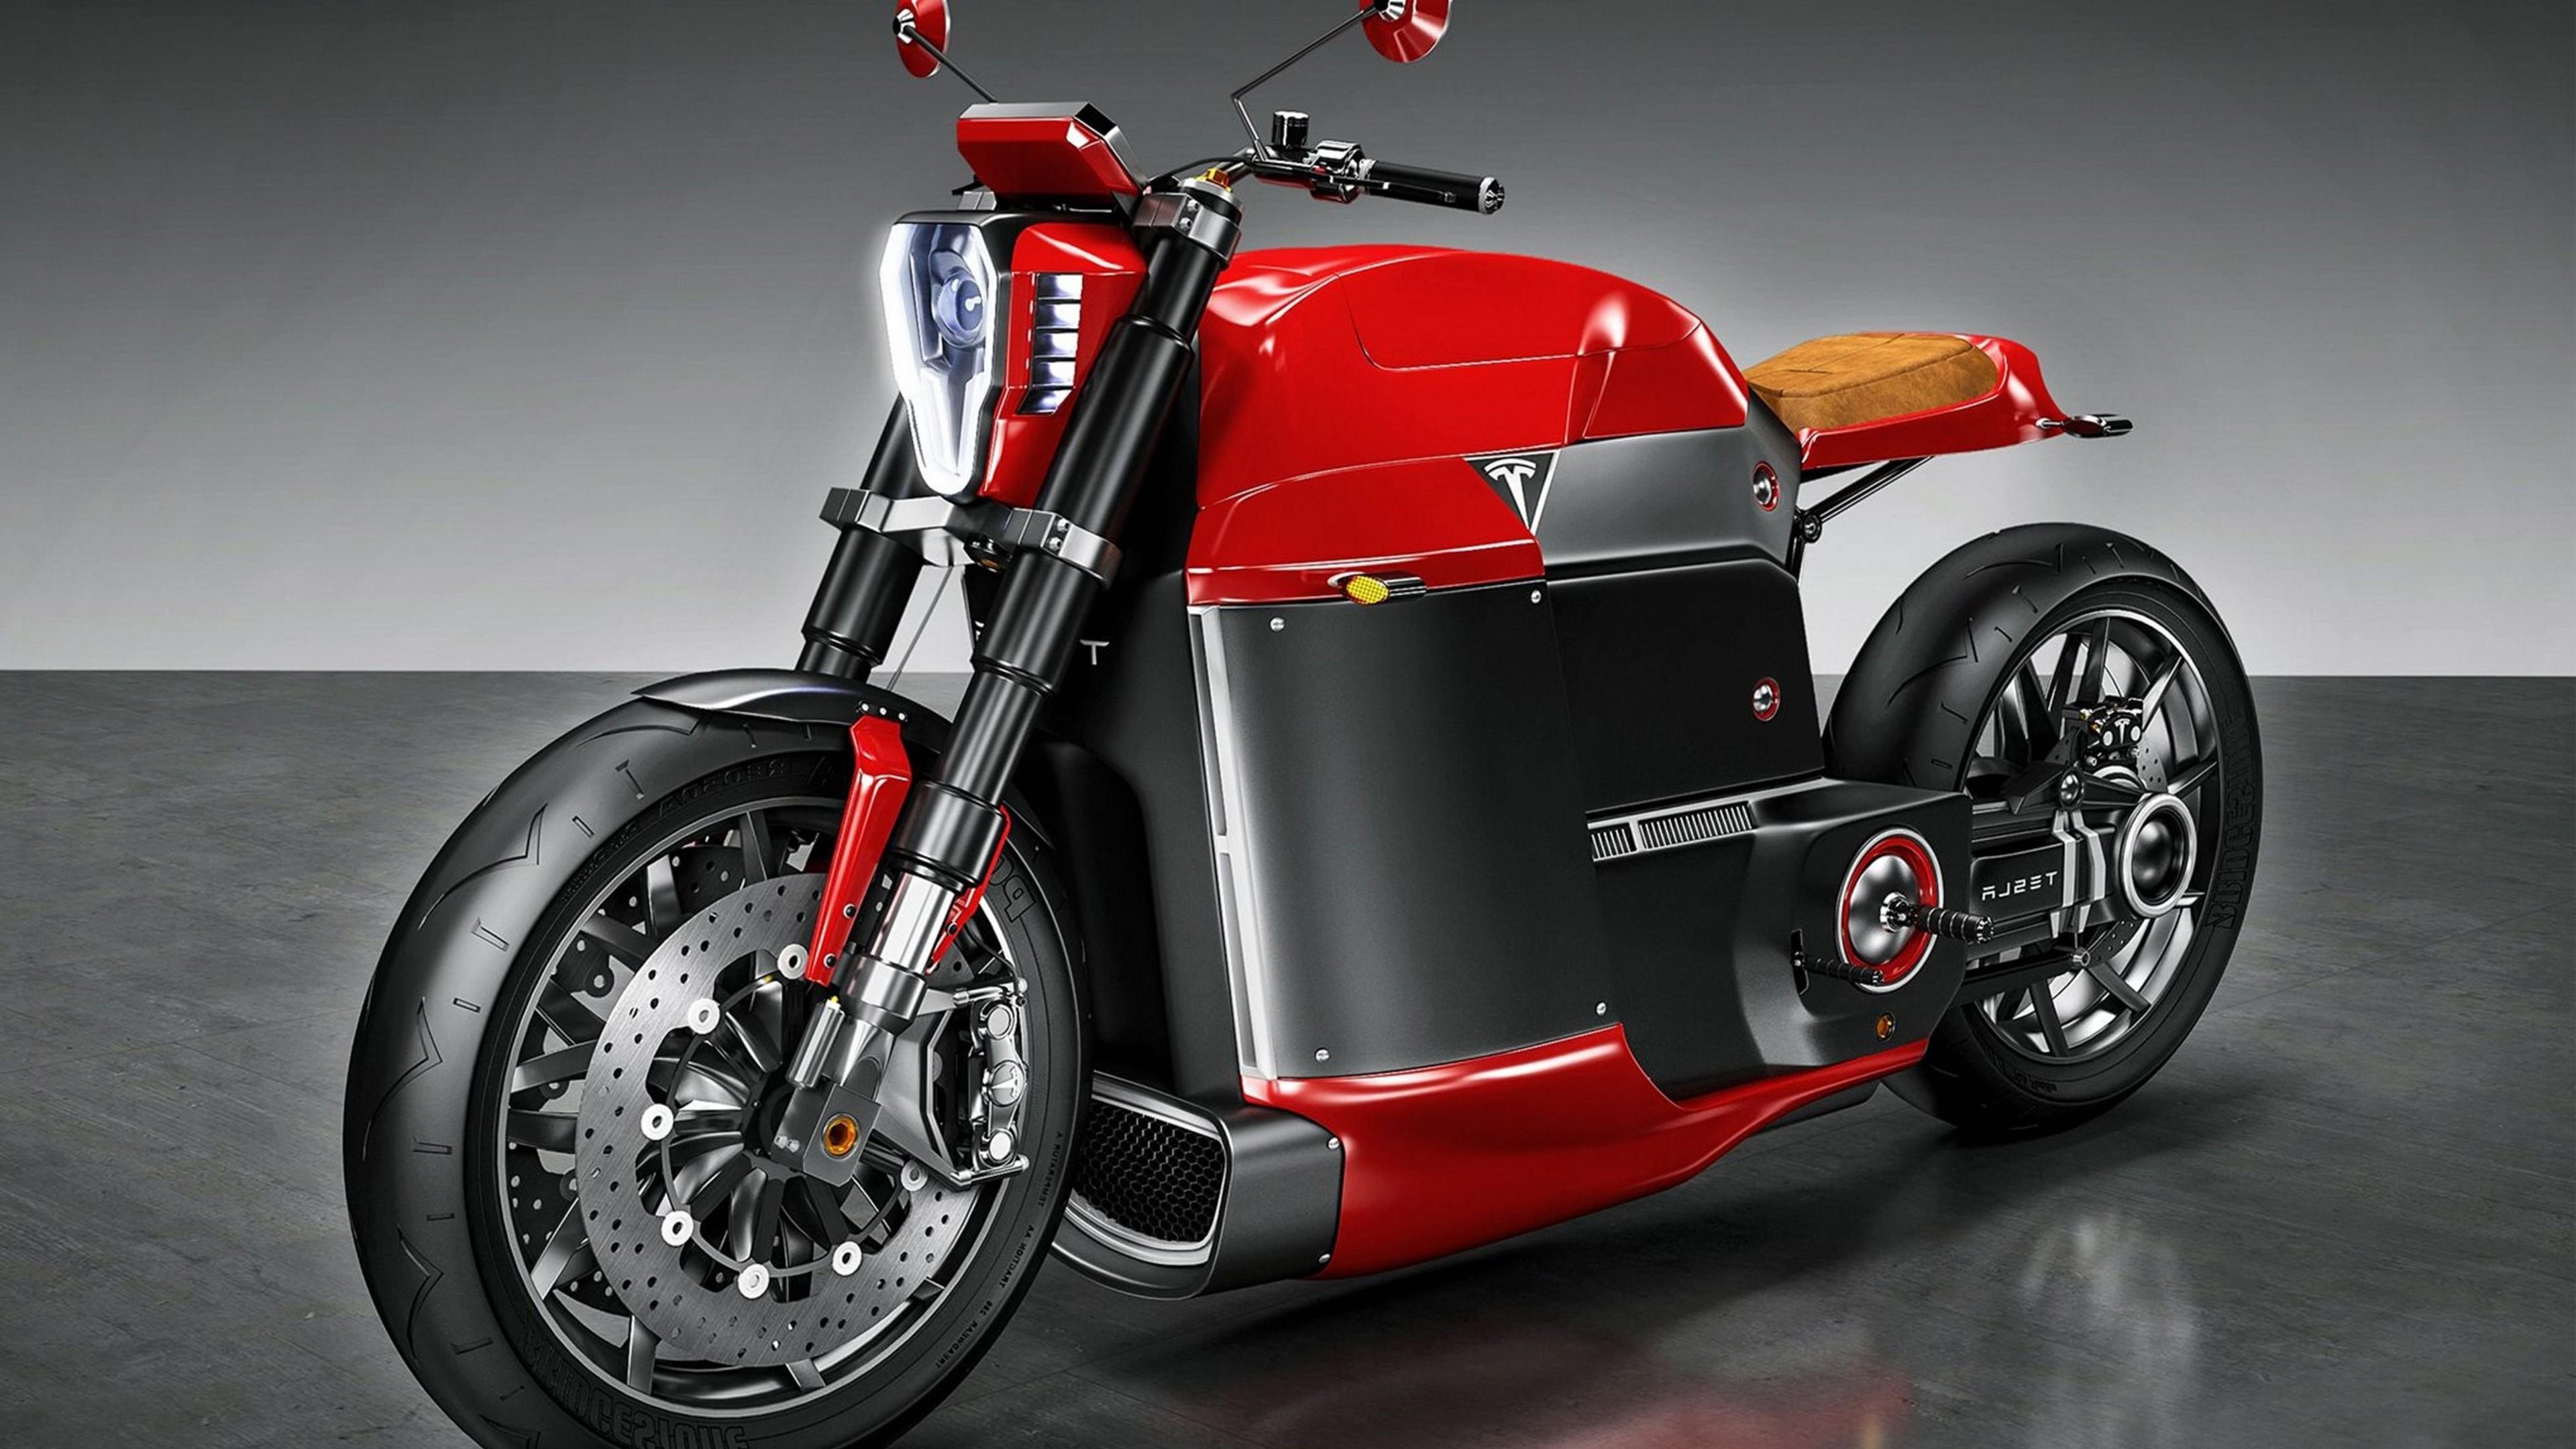 tesla electric motorcycle 4k 1536316076 - Tesla Electric Motorcycle 4k - motorcycle wallpapers, electric wallpapers, concept bikes wallpapers, bikes wallpapers